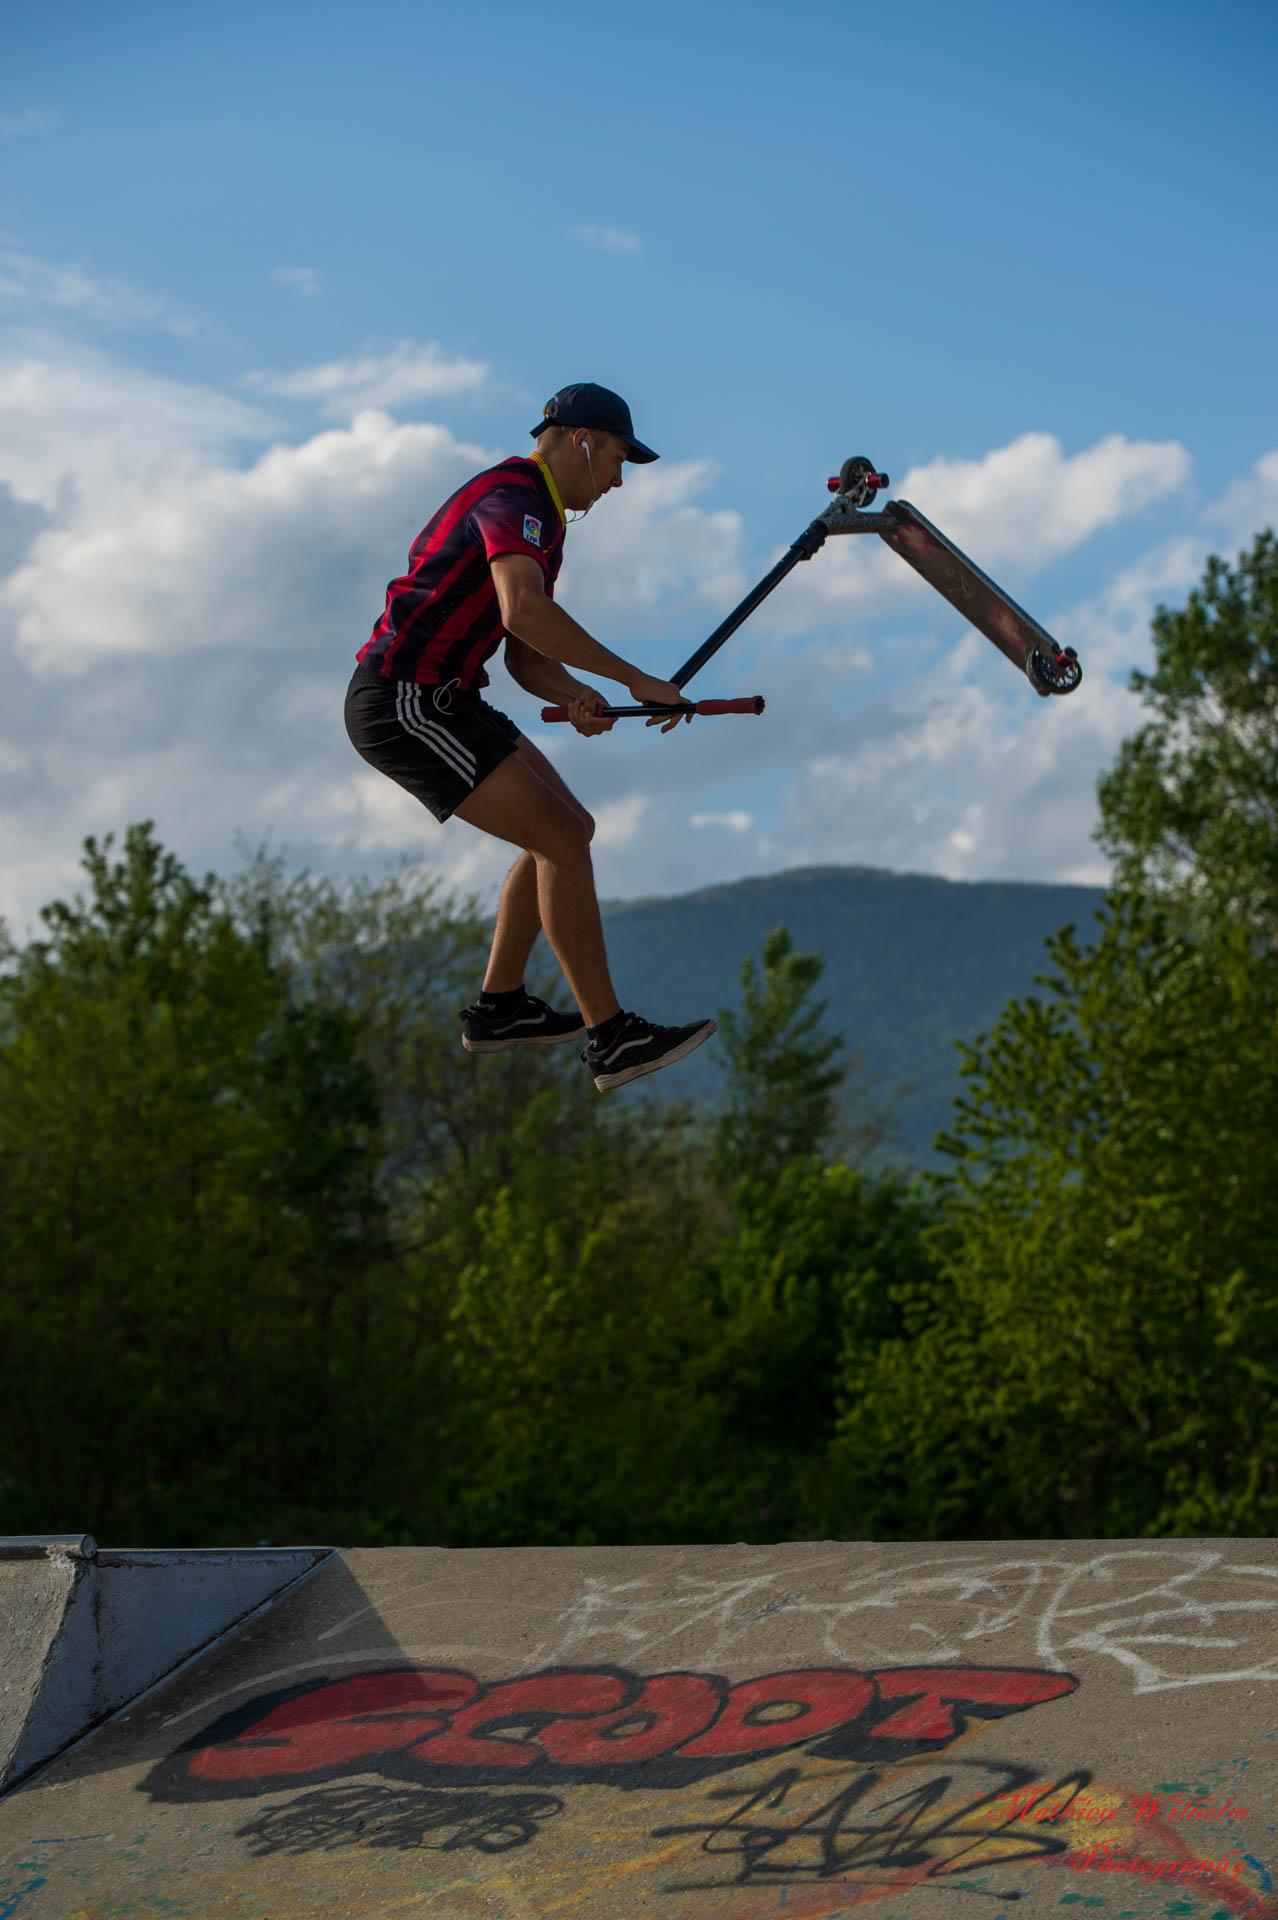 2018-04-25 Skate parc cernay (19)